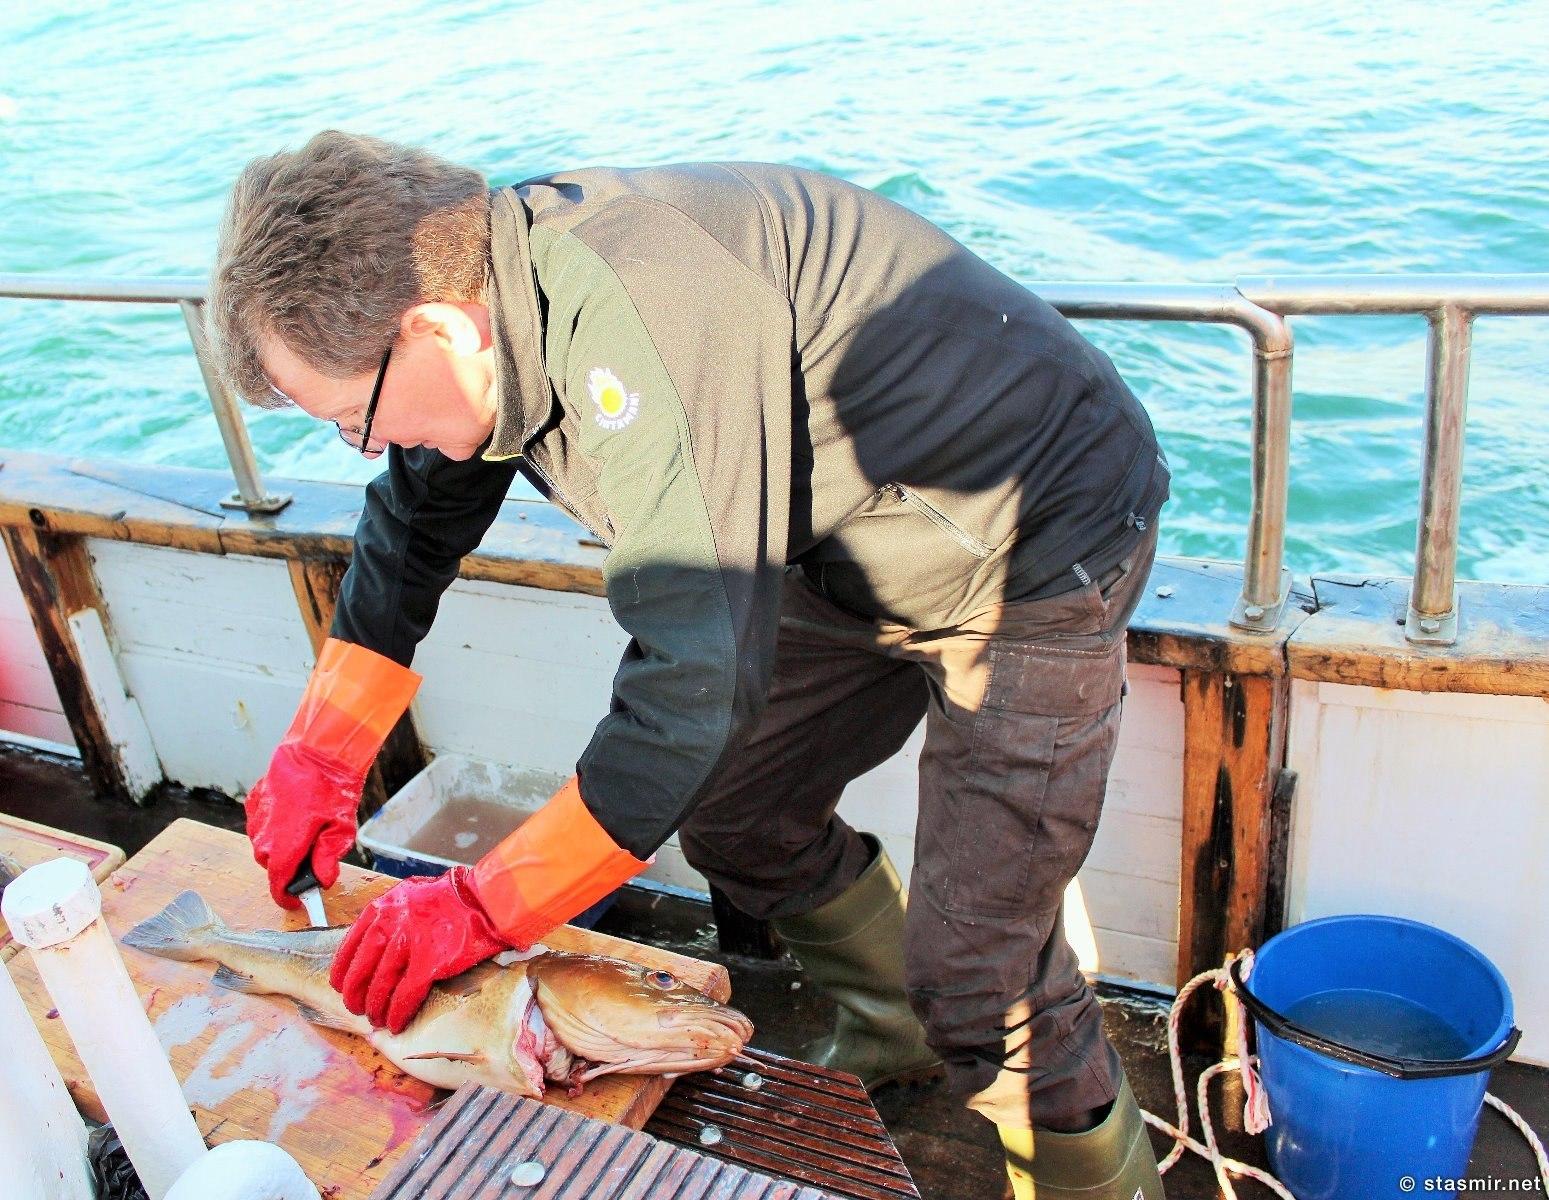 Сигги снимает филейку: исландцы не едят голов и жабр, фото Стасмир, photo Stasmir